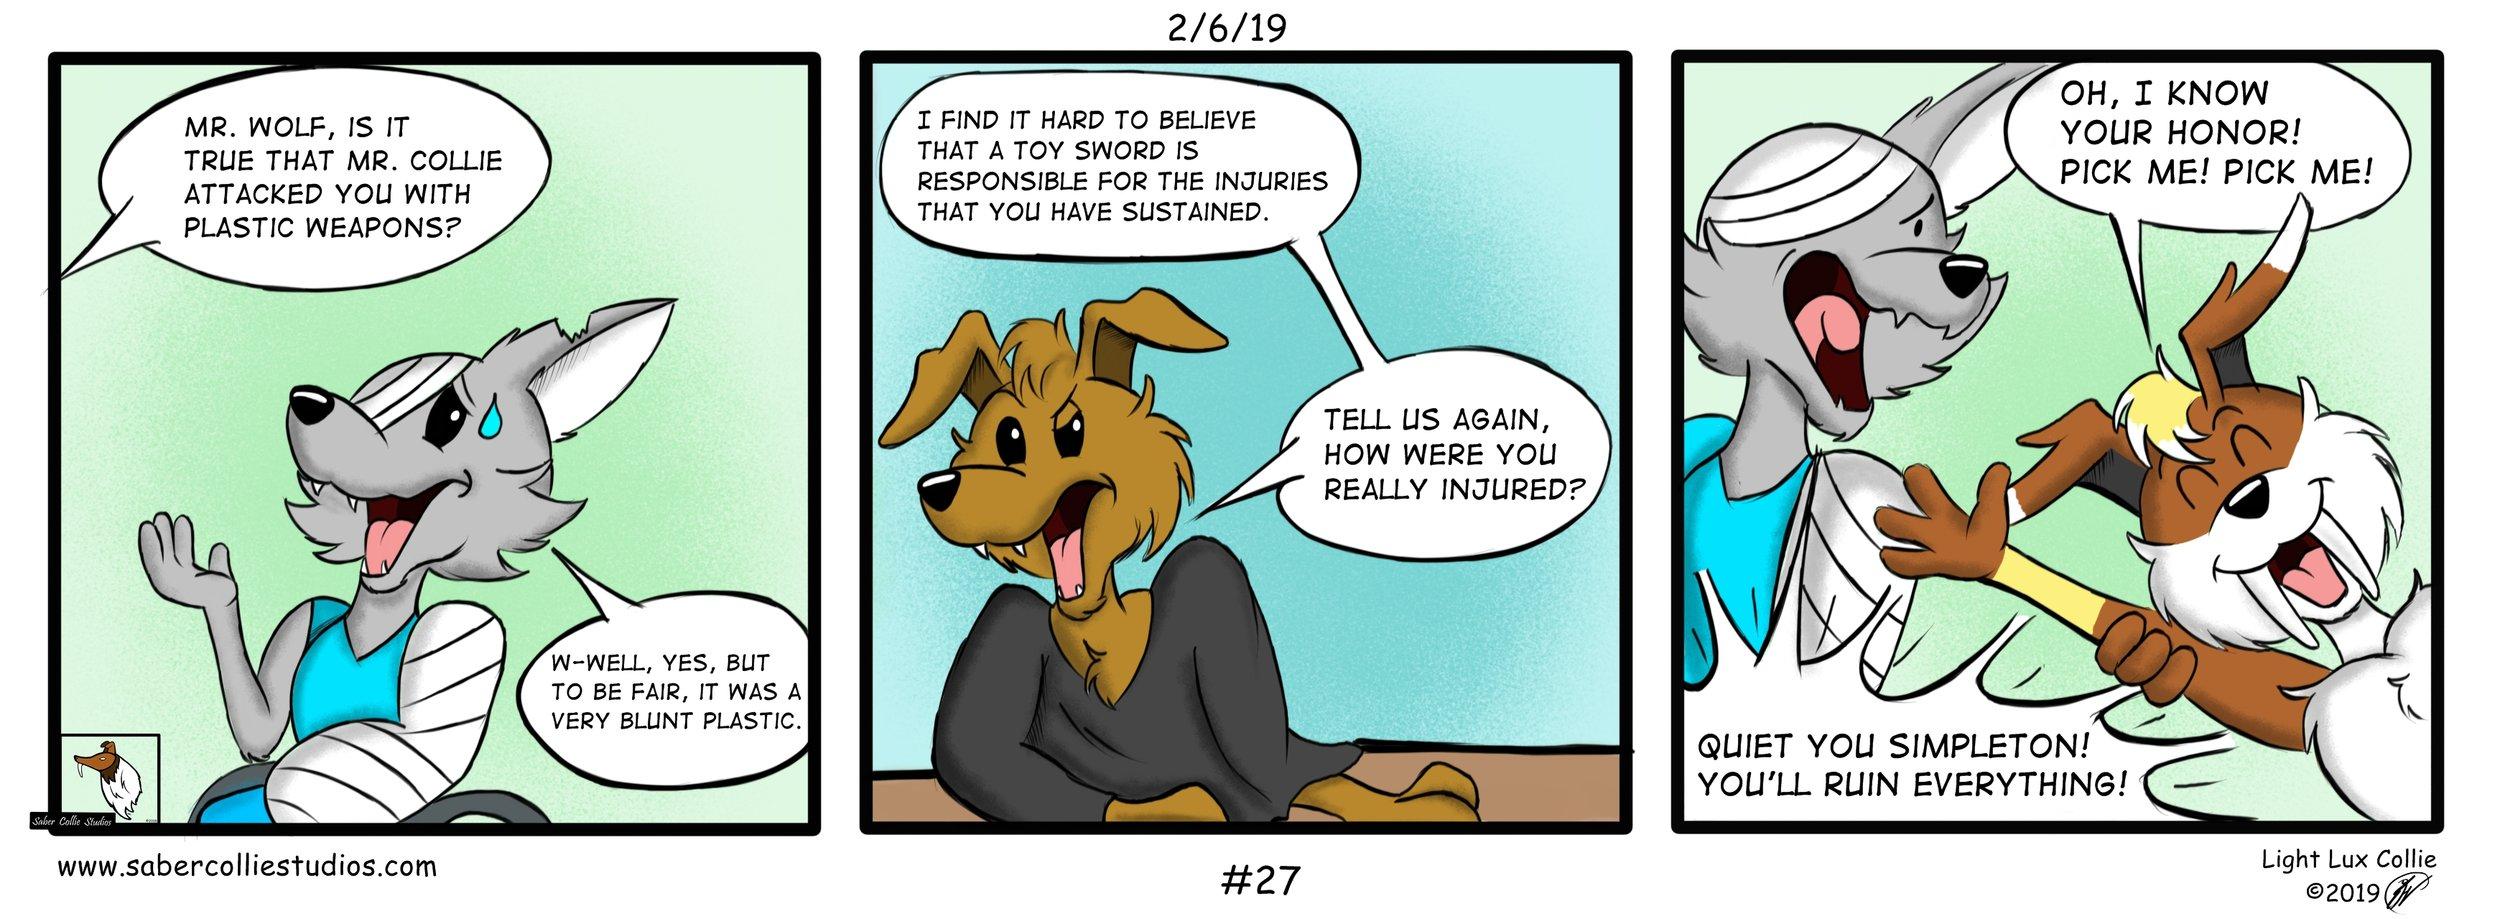 Comic-Comic 2 6 19.jpg